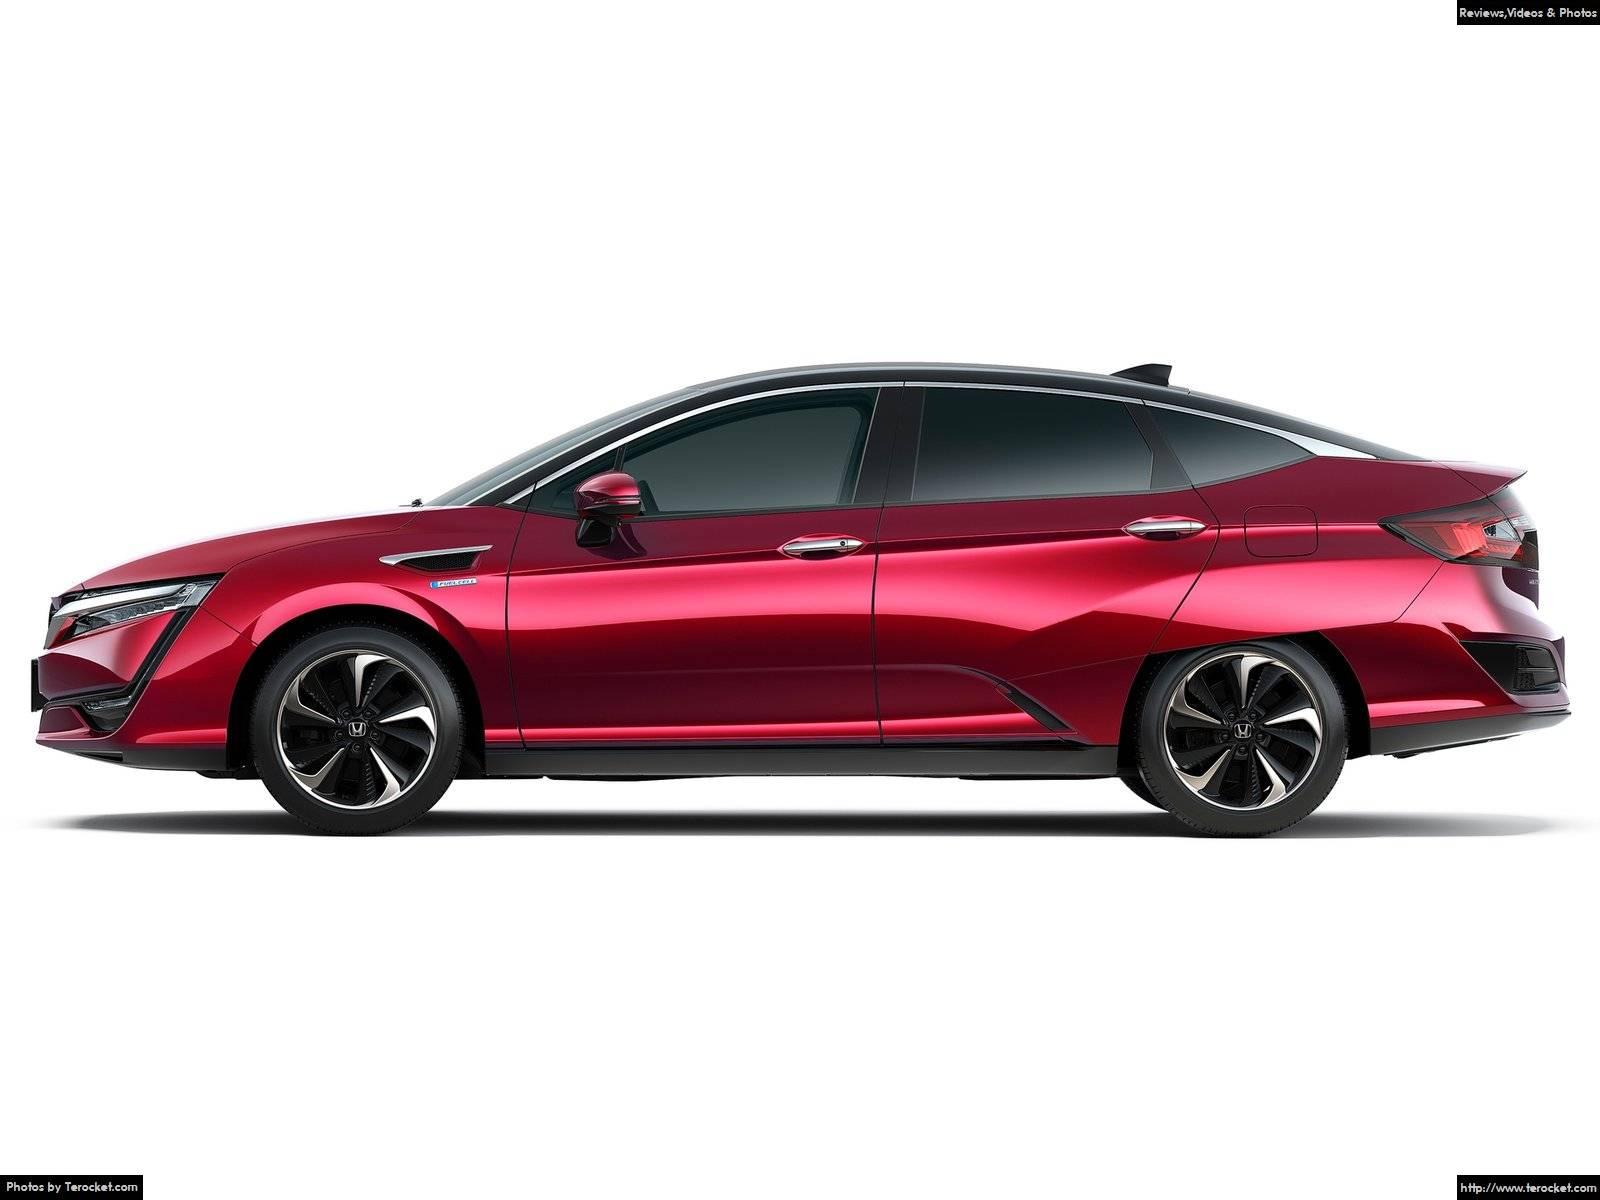 Hình ảnh xe ô tô Honda Clarity Fuel Cell 2016 & nội ngoại thất